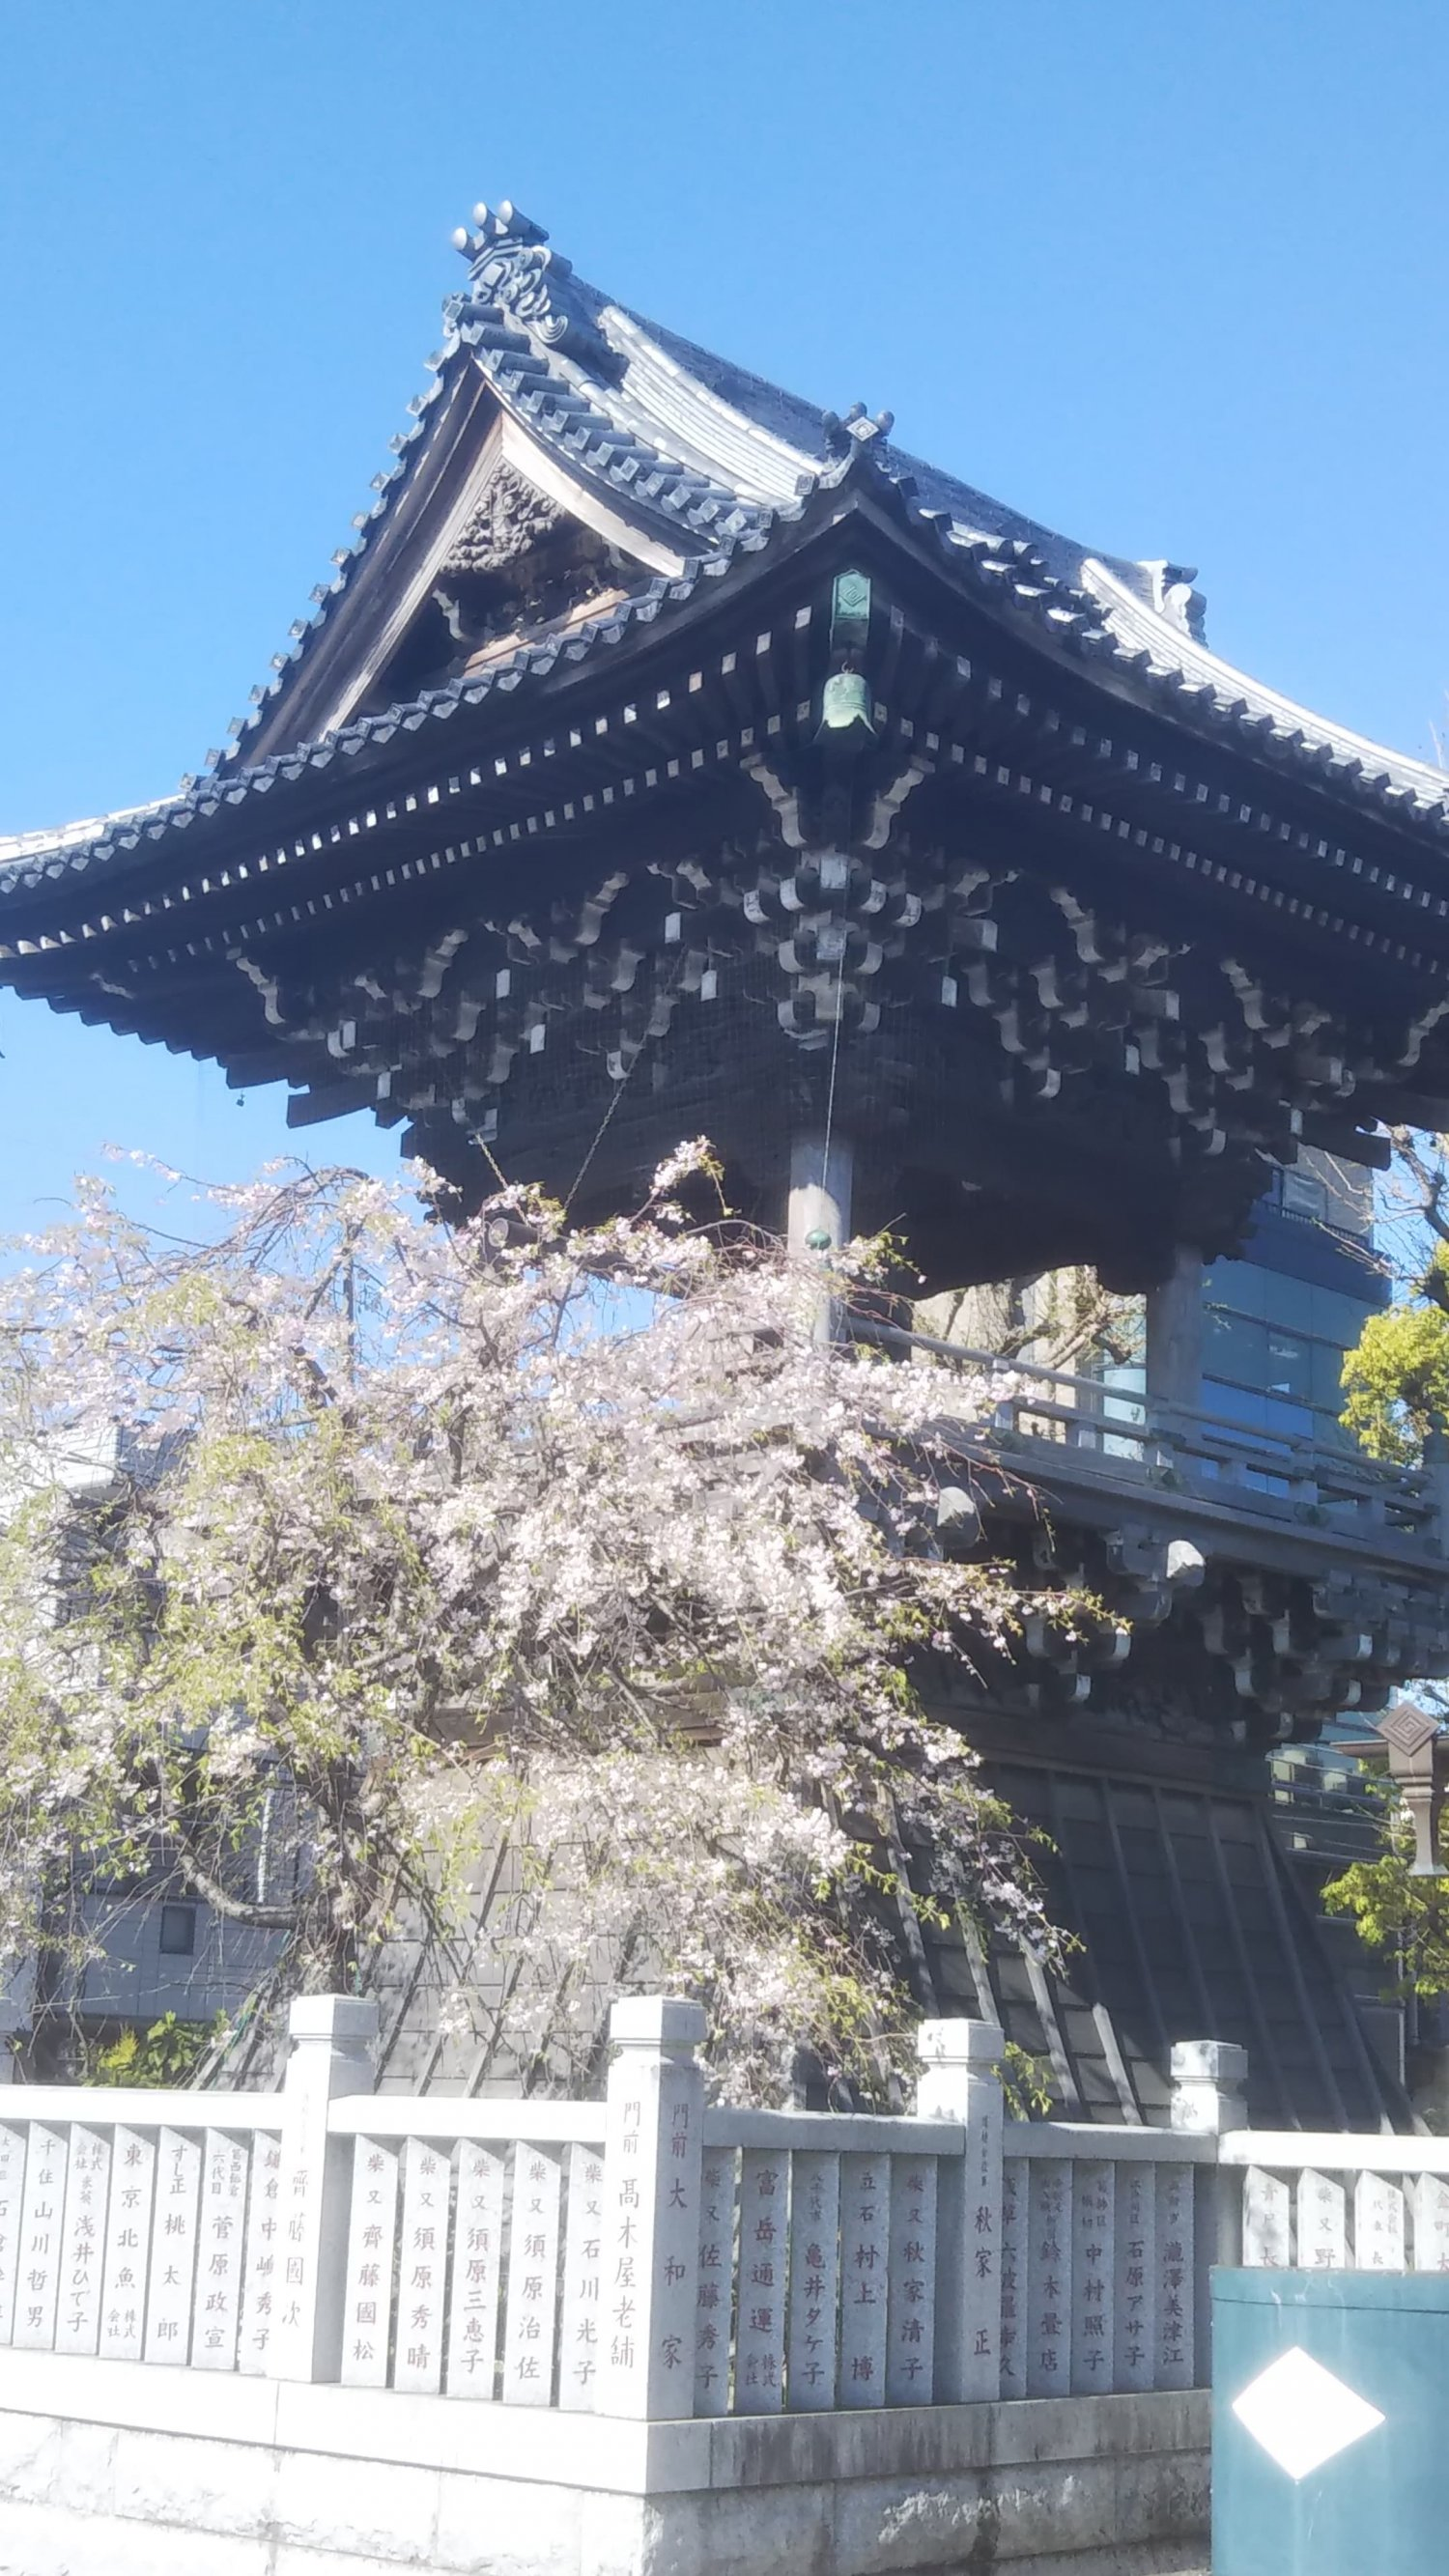 題経寺の鐘楼。鐘をつくのは源公の日課。夕焼けに染まった様子がまた絵になるんです。